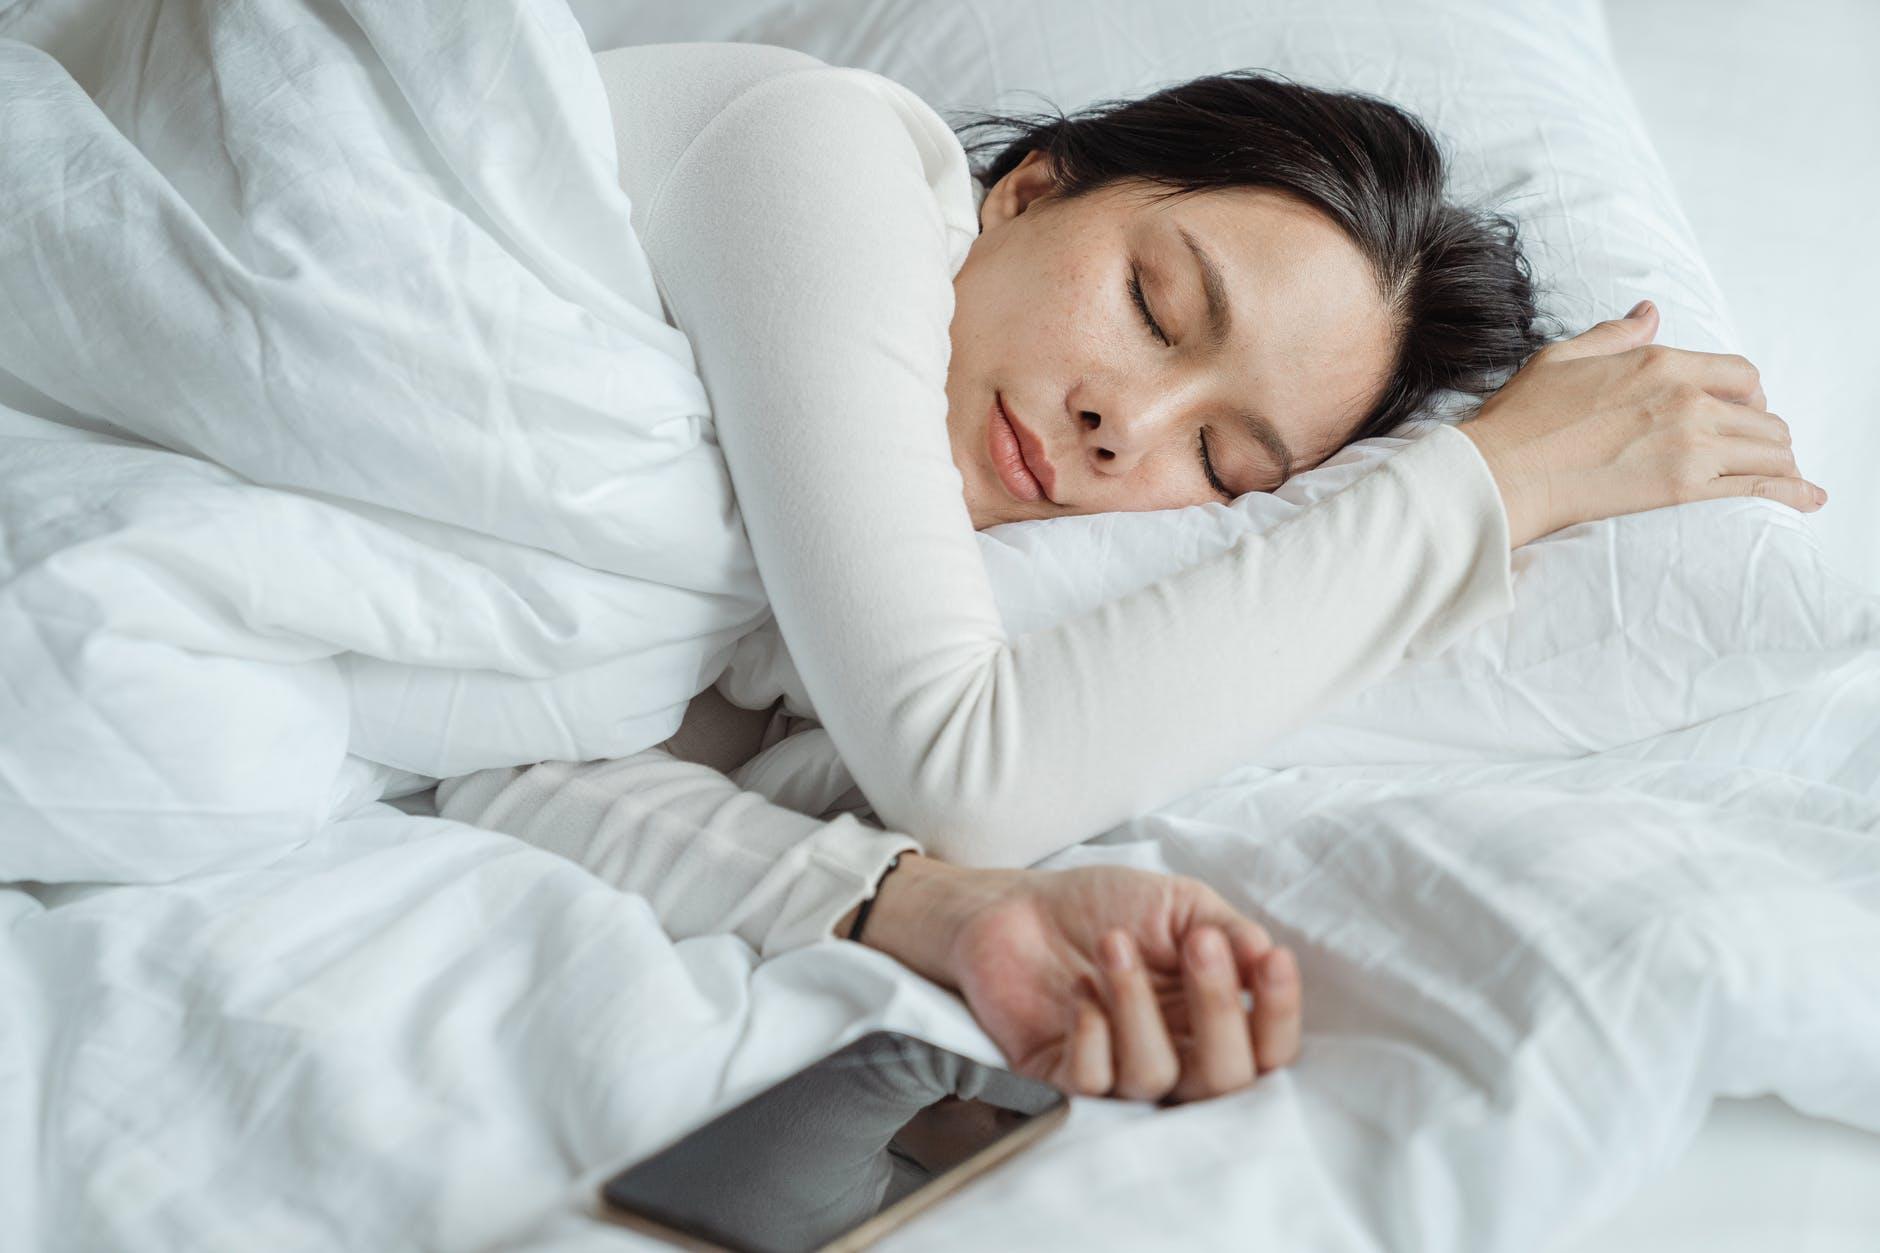 Kedy a prečo nastáva čas kúpiť nový matrac?